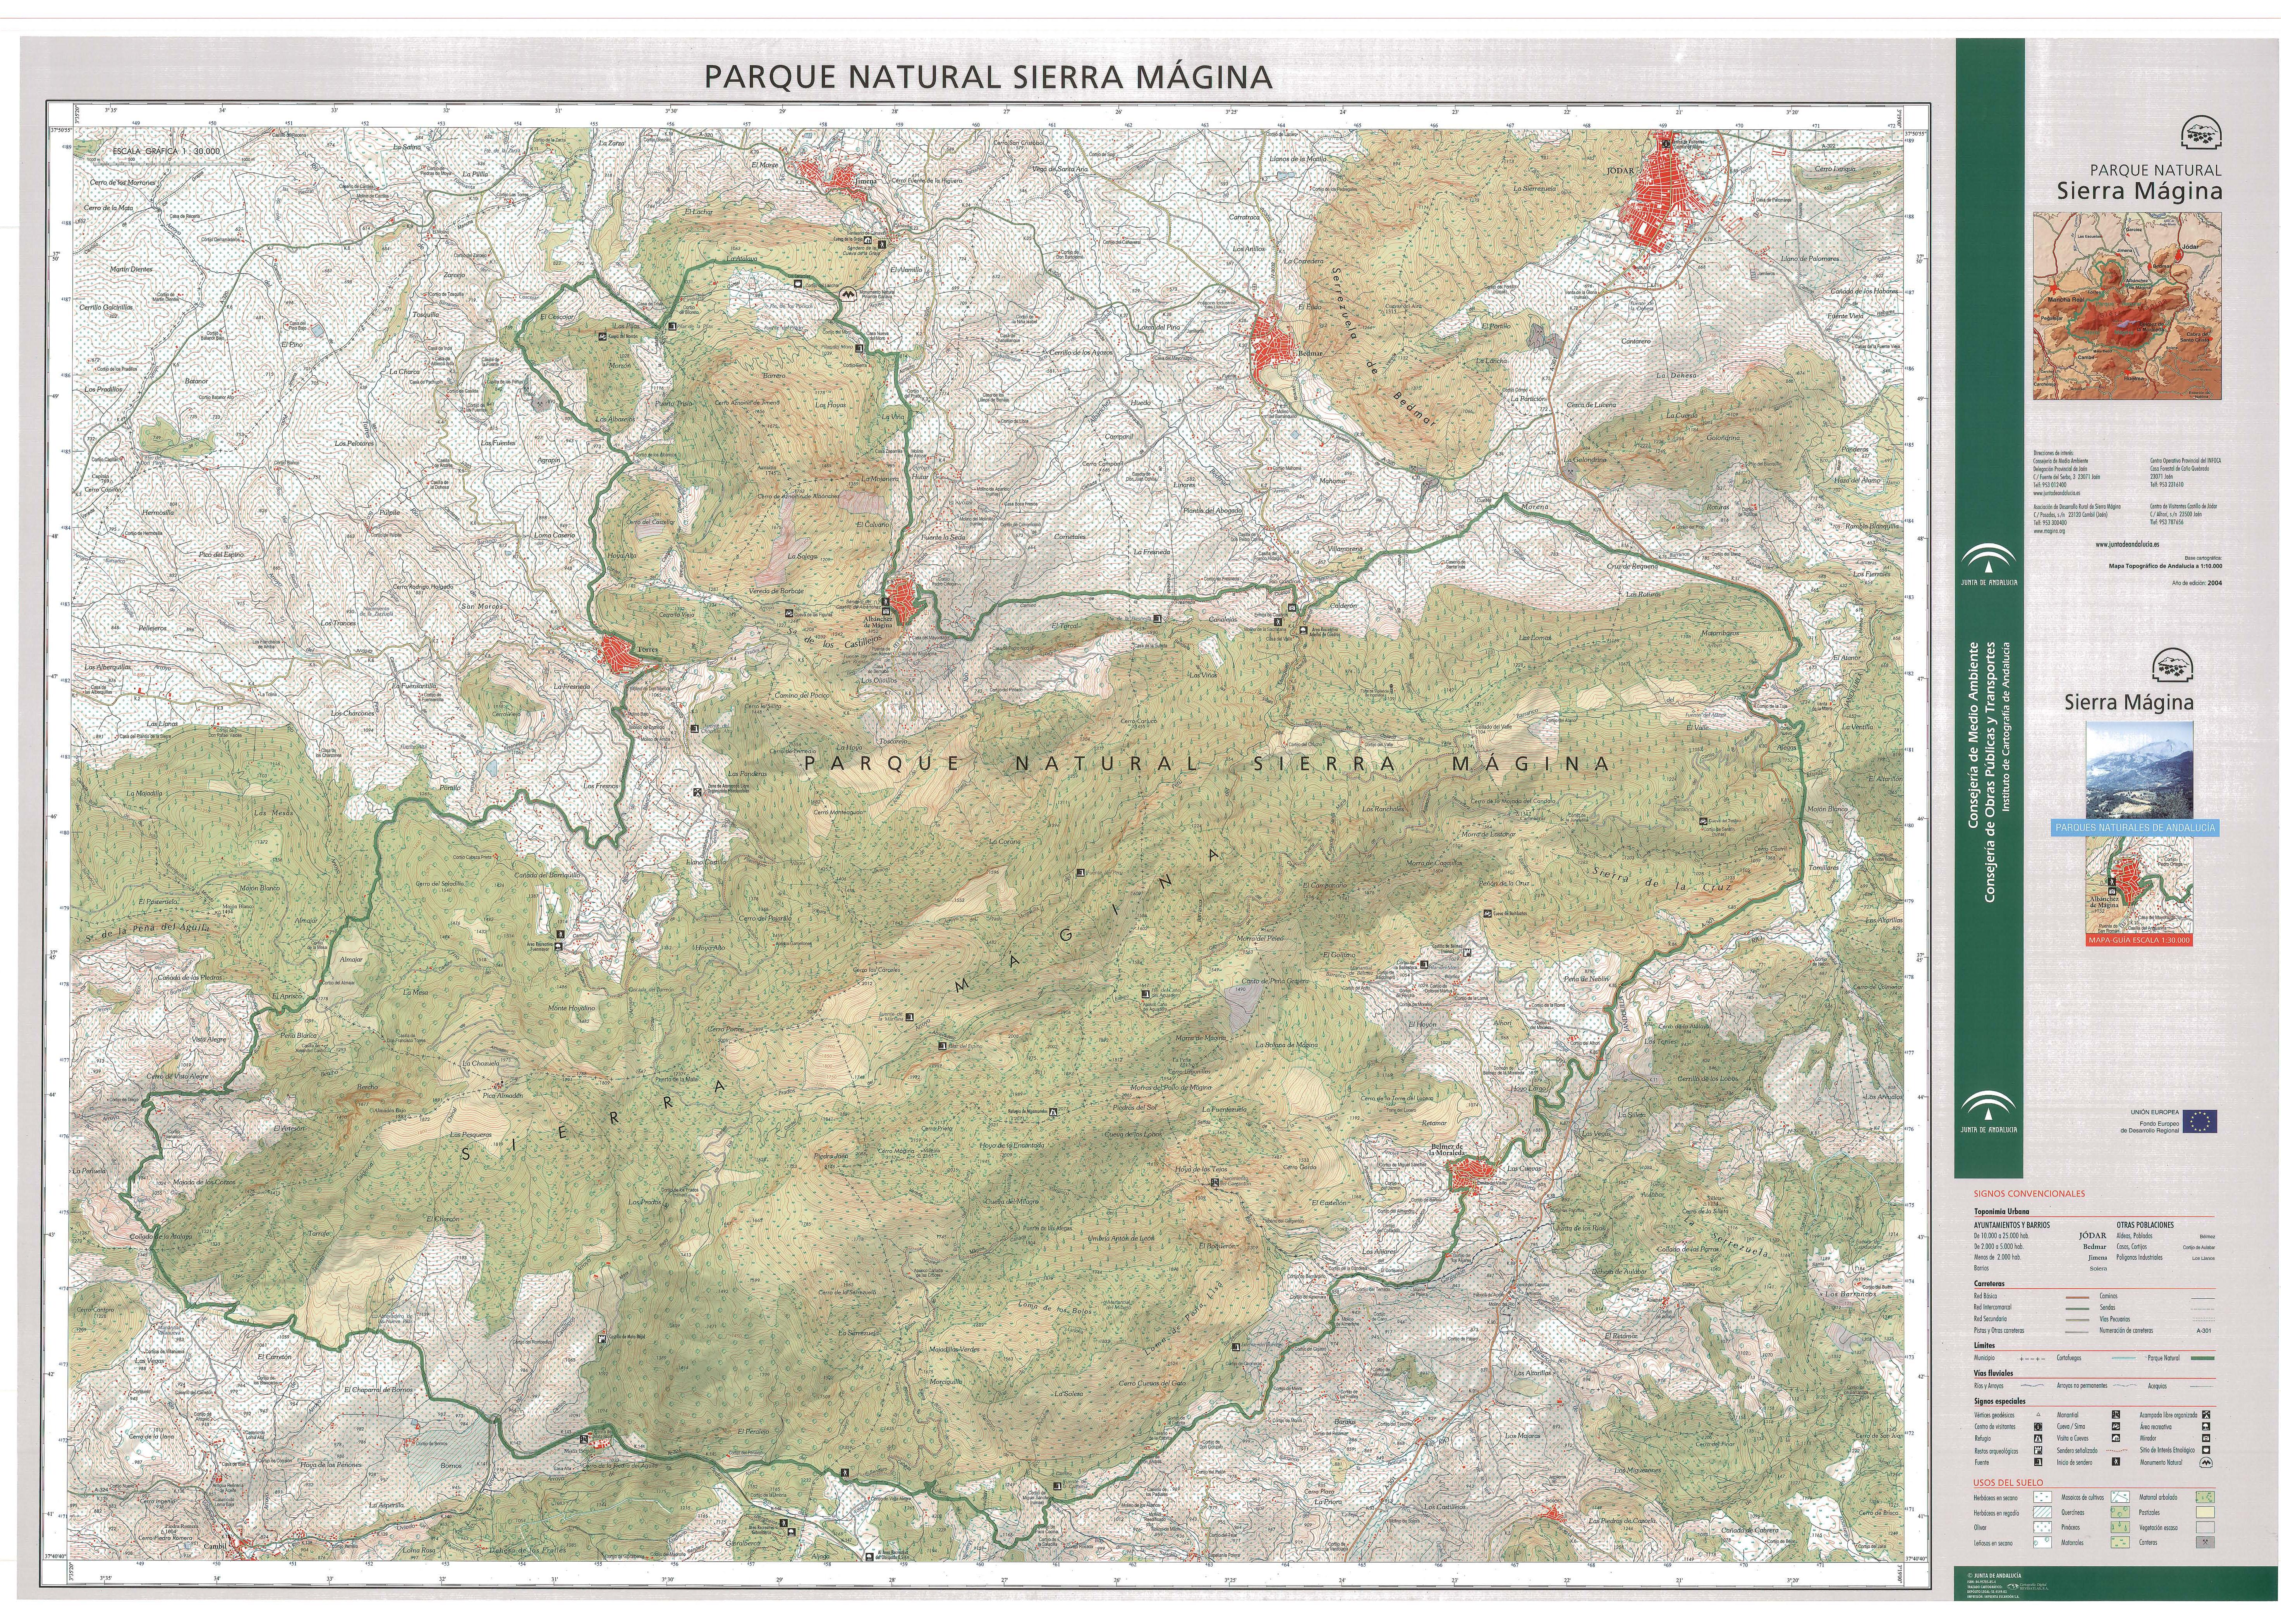 Parque Natural de Sierra Mágina 2004